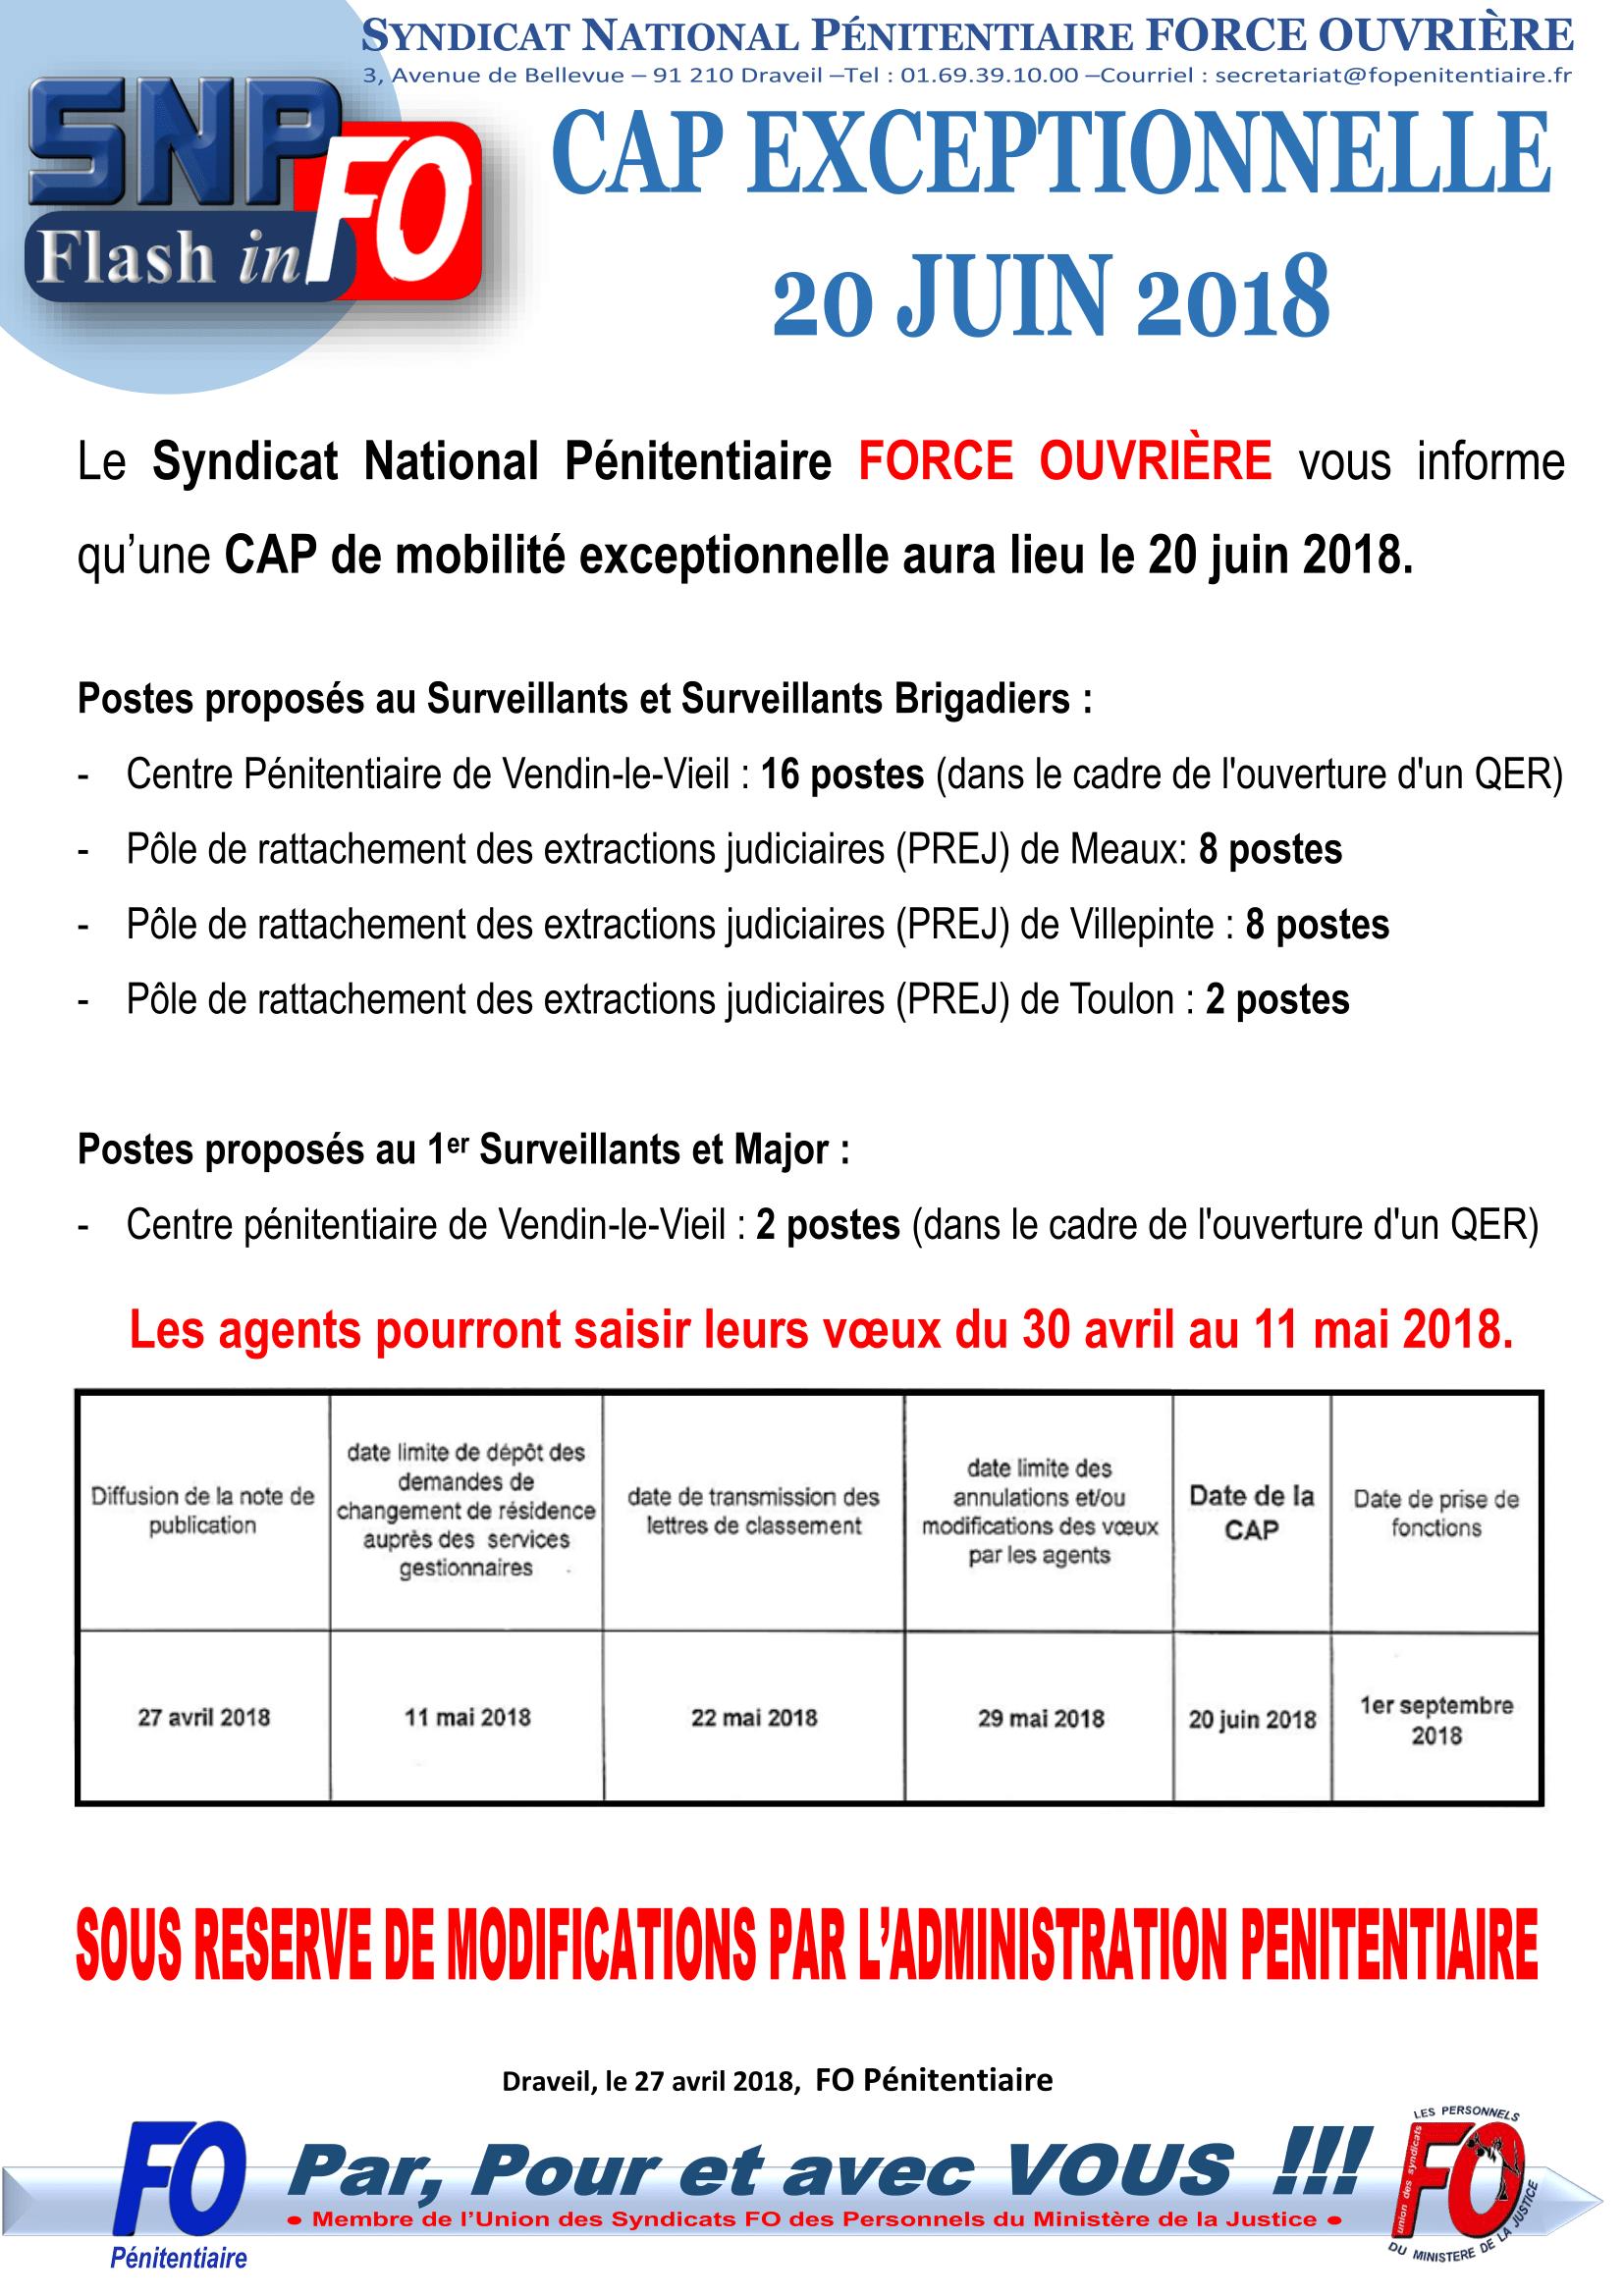 20180427 -Flash-Info - CAP exceptionnelle 20 juin 2018 (1)-1